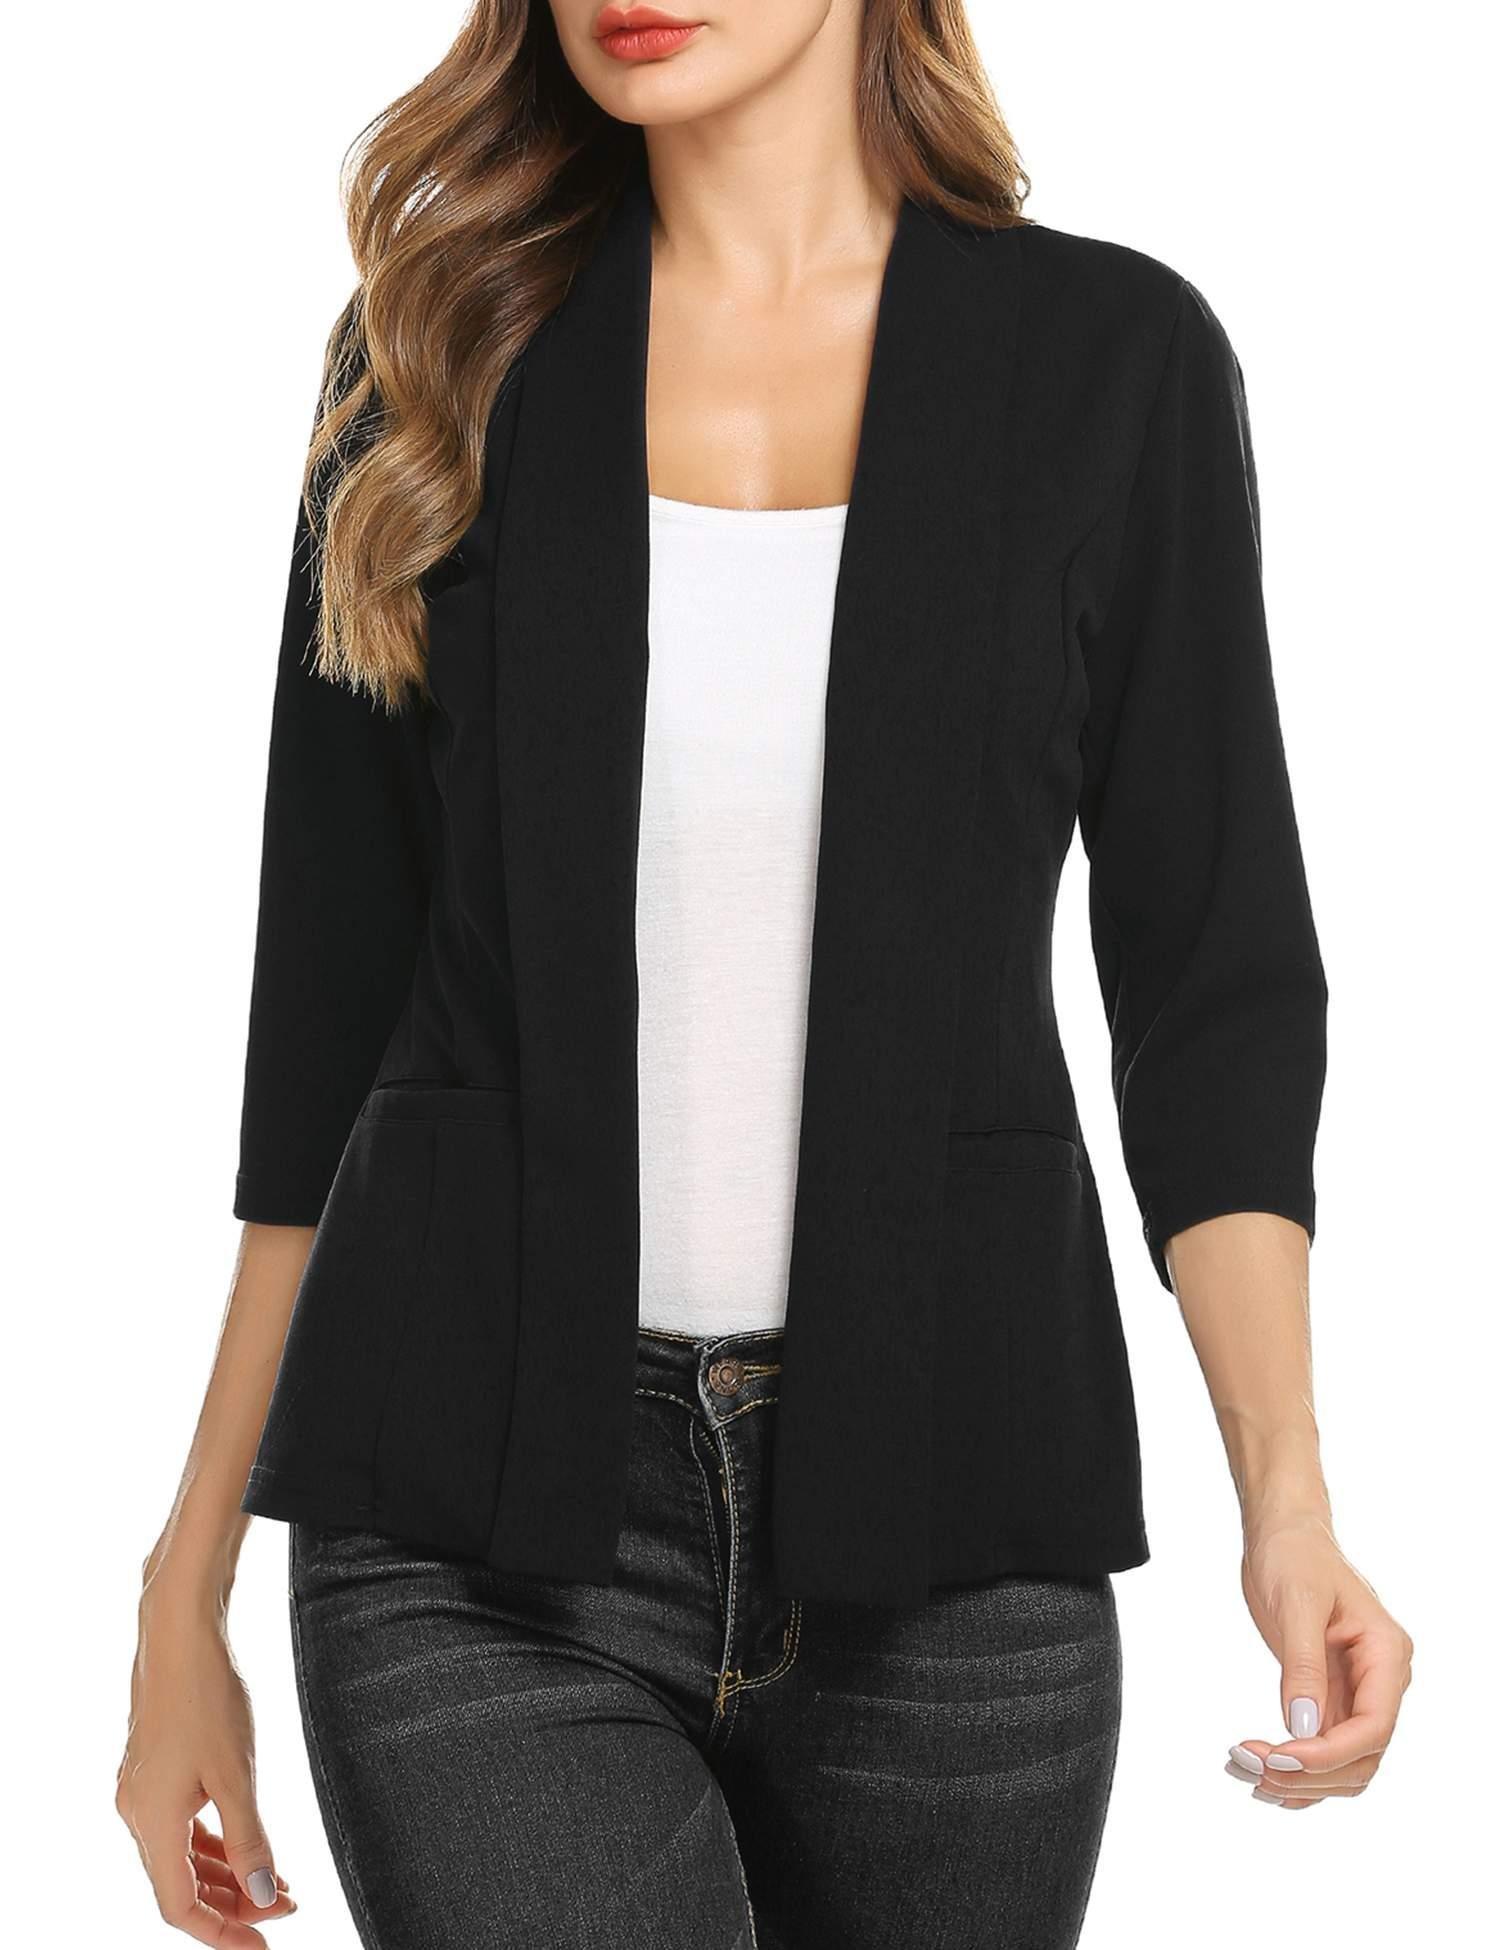 Concep Womens Plus Size Blazer Jackets Casual Business Slim Fit Solid Suit Cardigans Plus Size (Black, M)